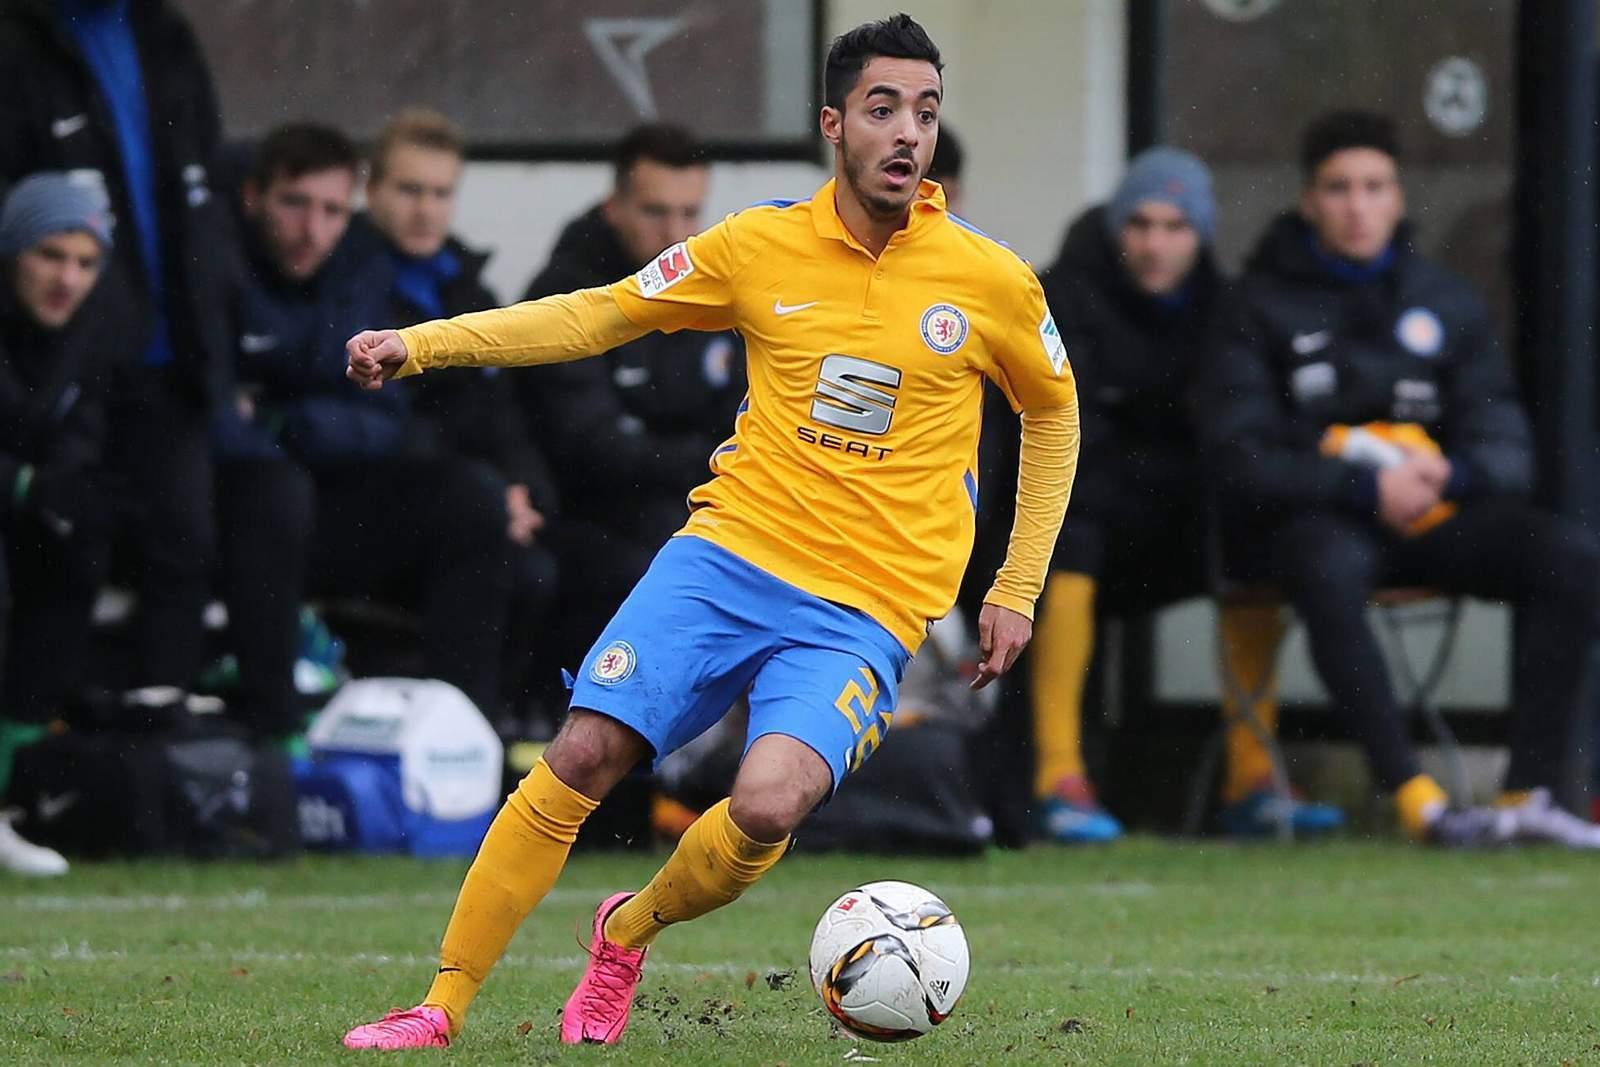 Jubelt Khelifi wieder? Jetzt auf Würzburger Kickers gegen Eintracht Braunschweig wetten